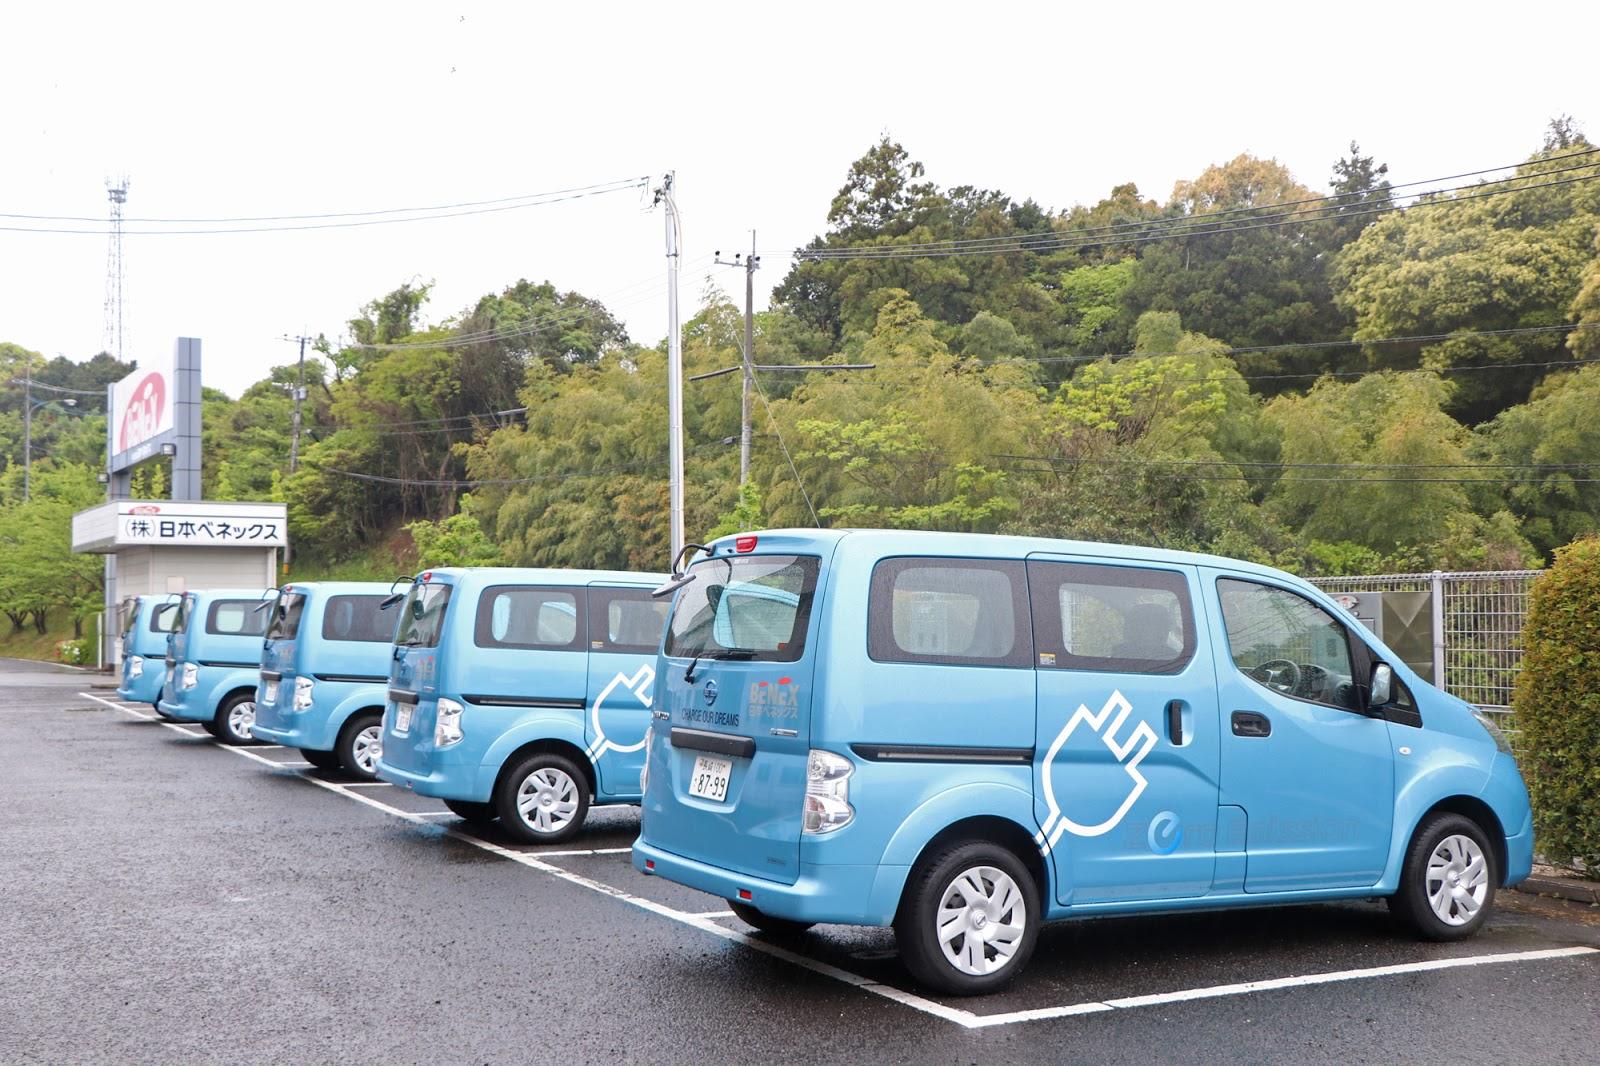 Οι εταιρείες Japan Benex και Sumitomo,  δημιουργούν ενεργειακό πάρκο με μπαταρίες ηλεκτροκίνητων μοντέλων της Nissan (ΒΙΝΤΕΟ)